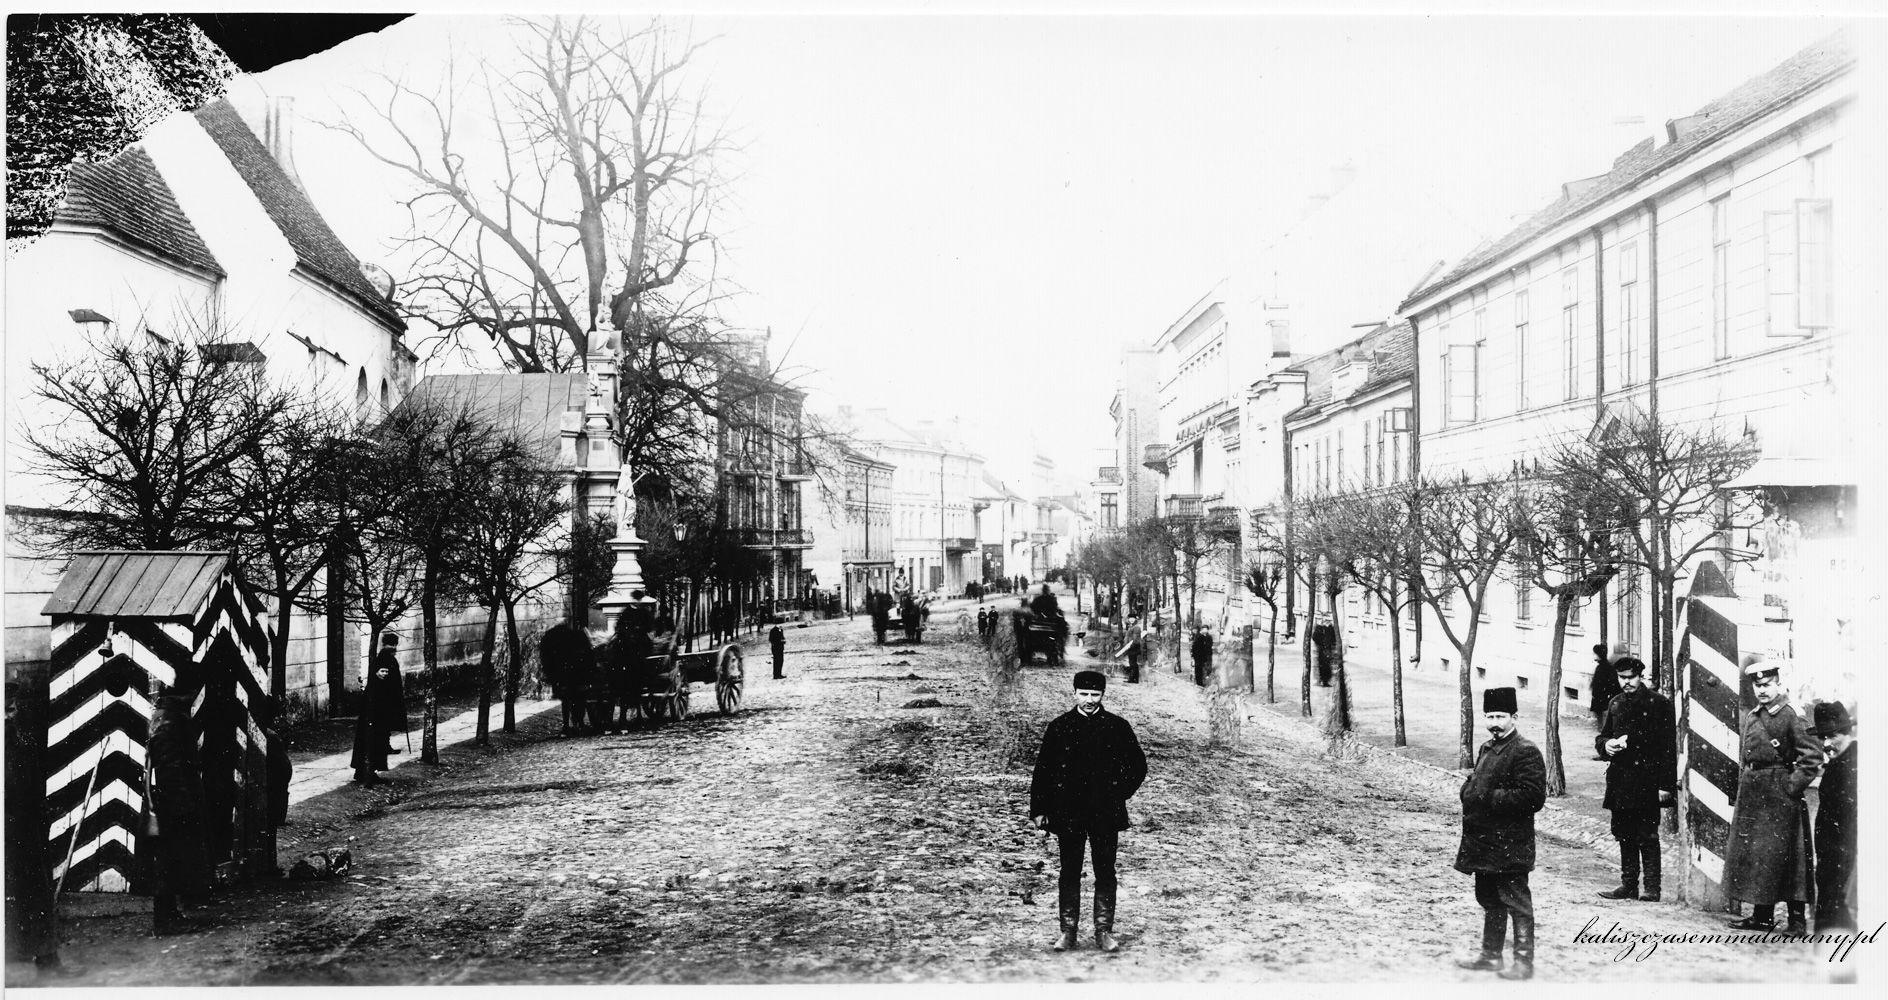 Kalisz Wroclawska 3